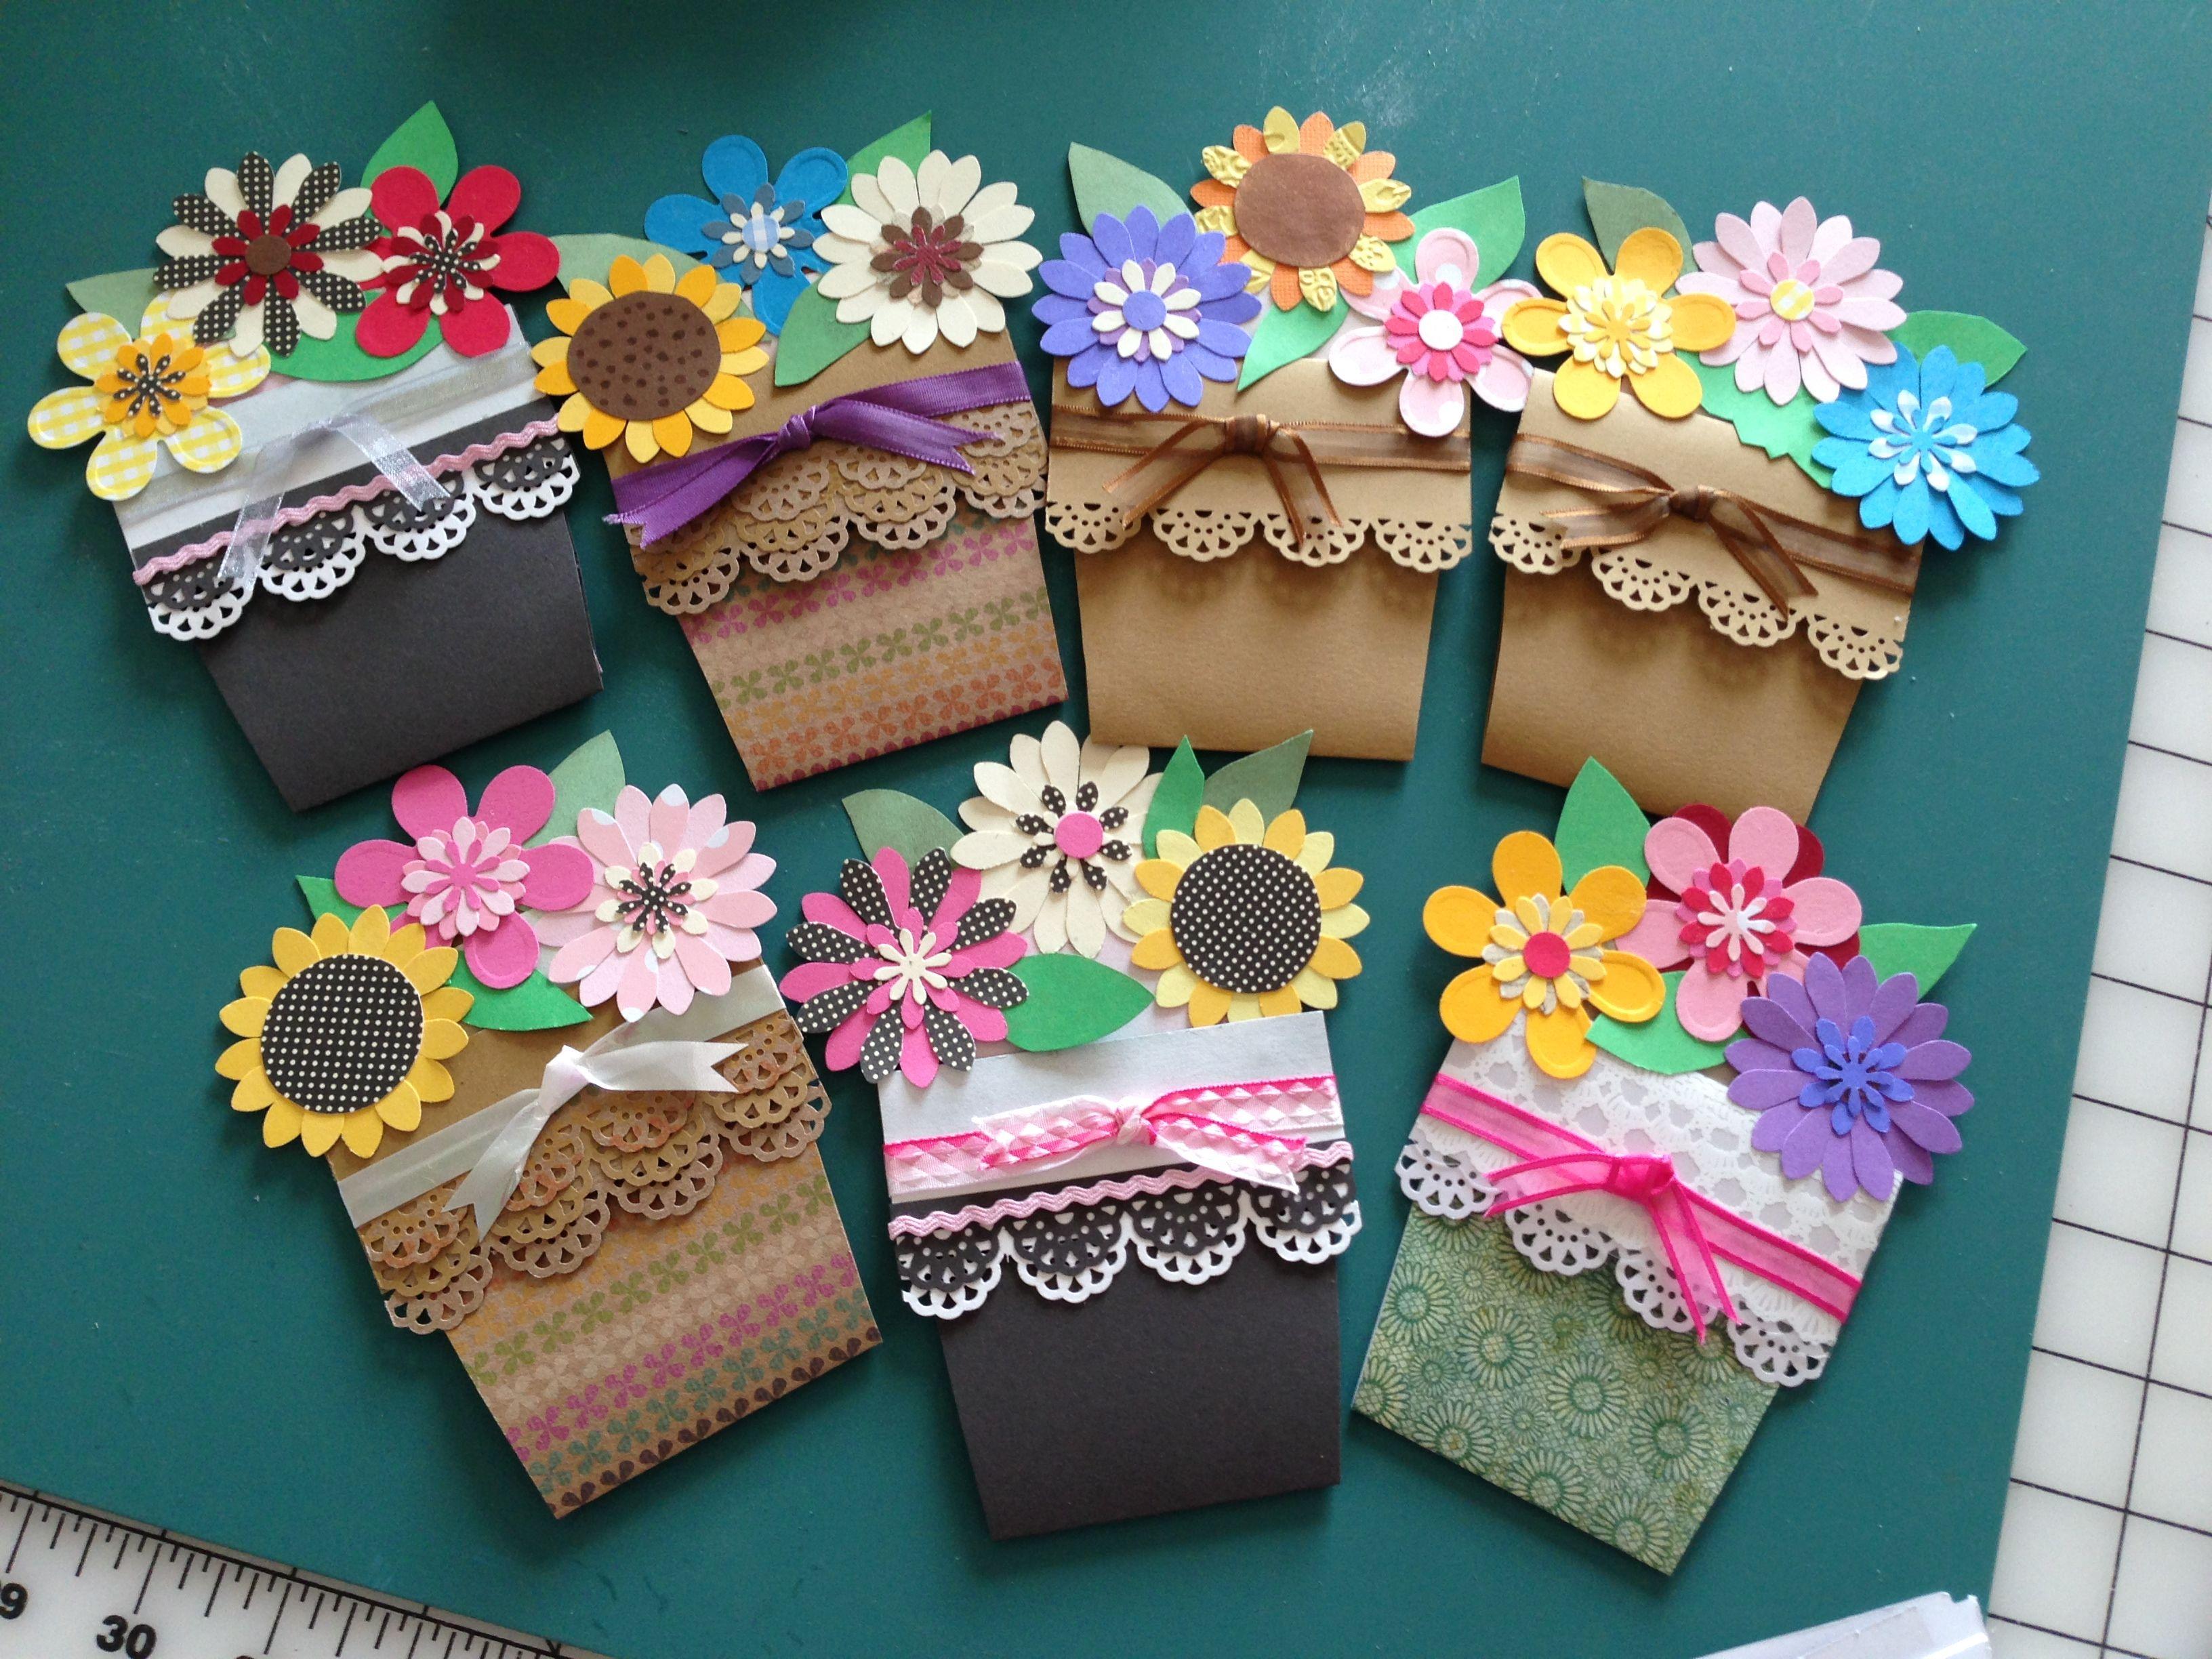 Pinterest Craft Ideas: .flower Pots